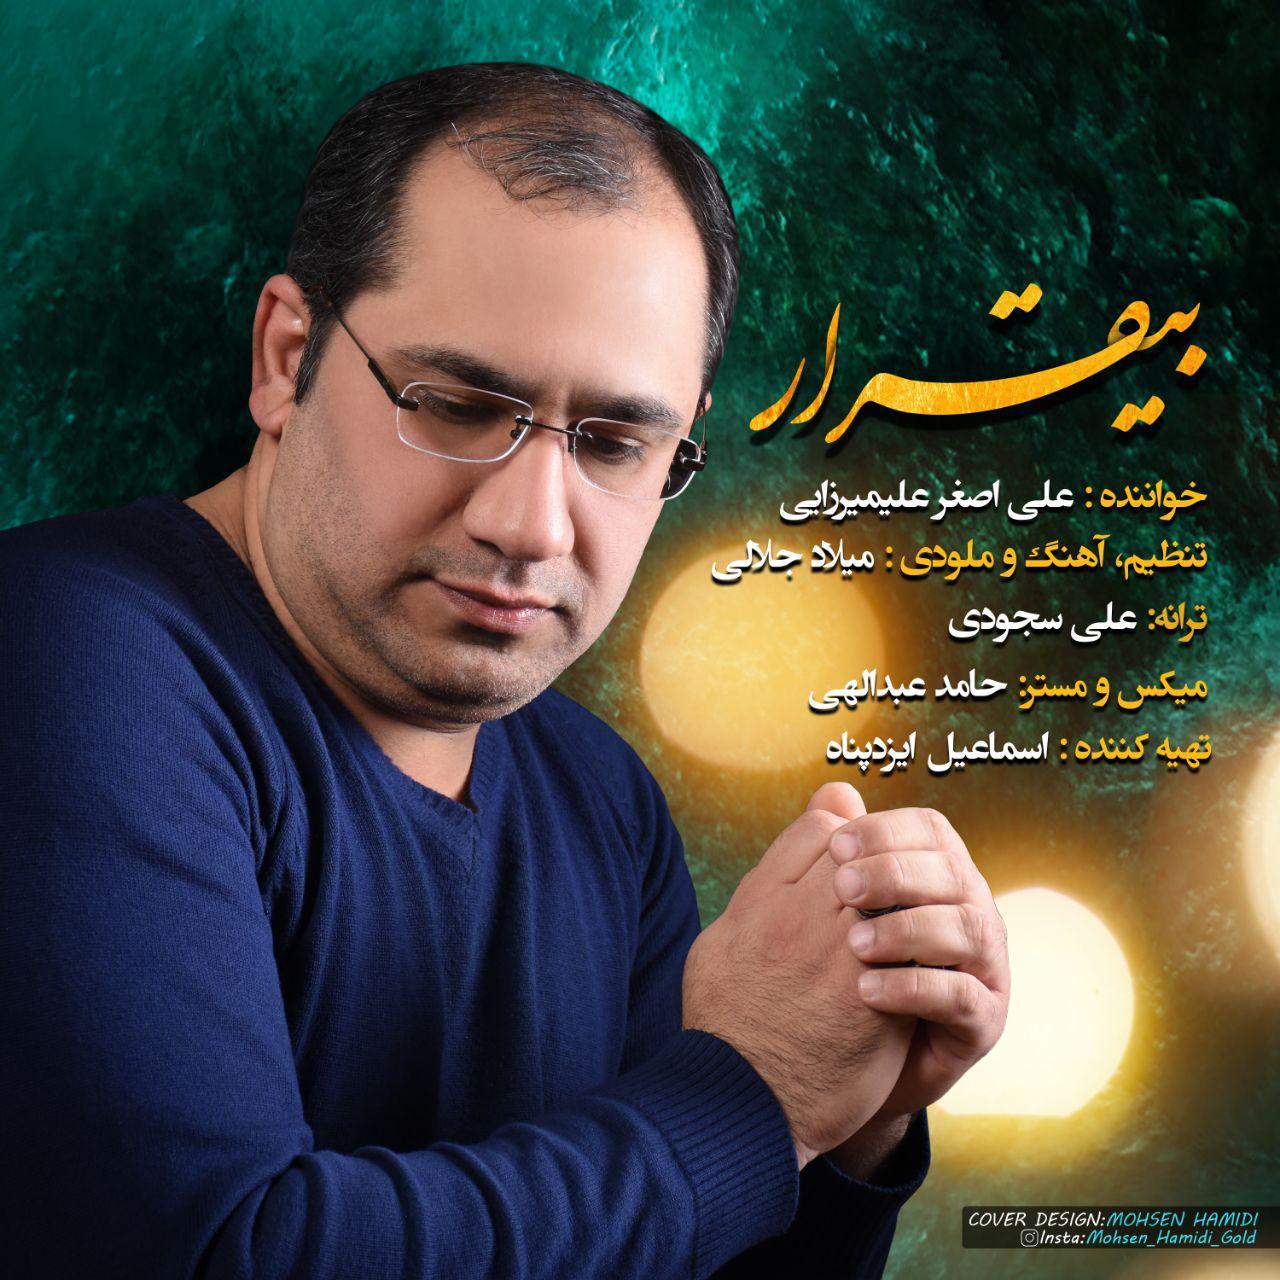 Ali Asghar Alimirzaei – Bi Gharar